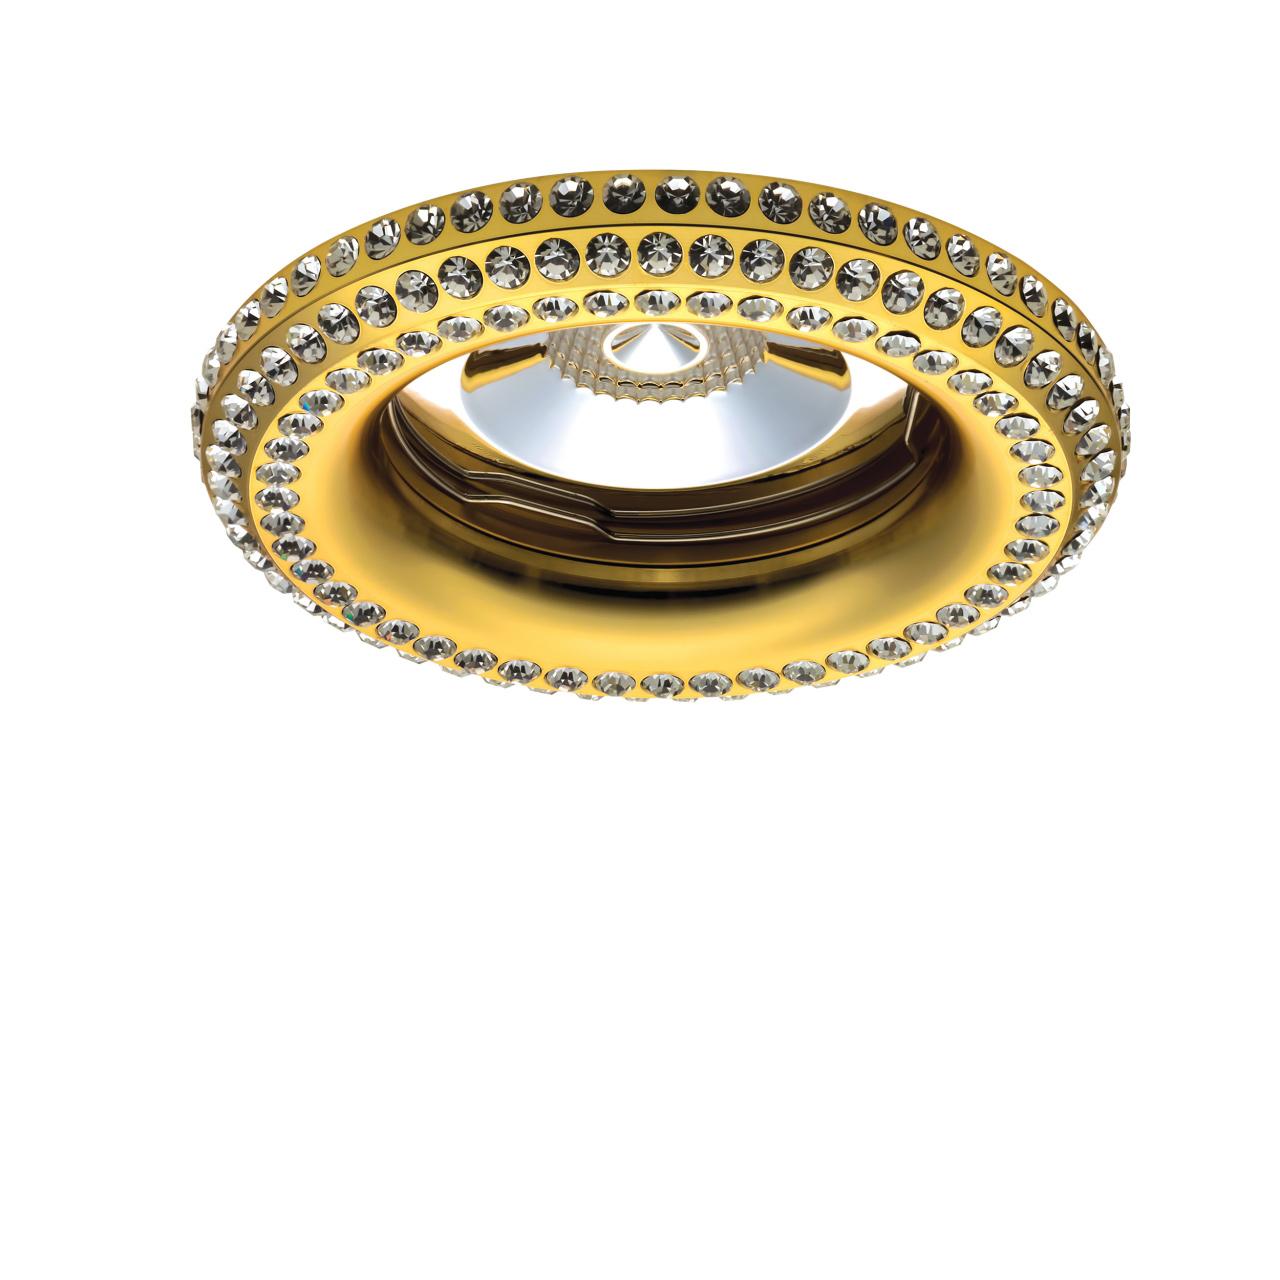 Светильник Miriade MR16 / HP16 золото Lightstar 011992